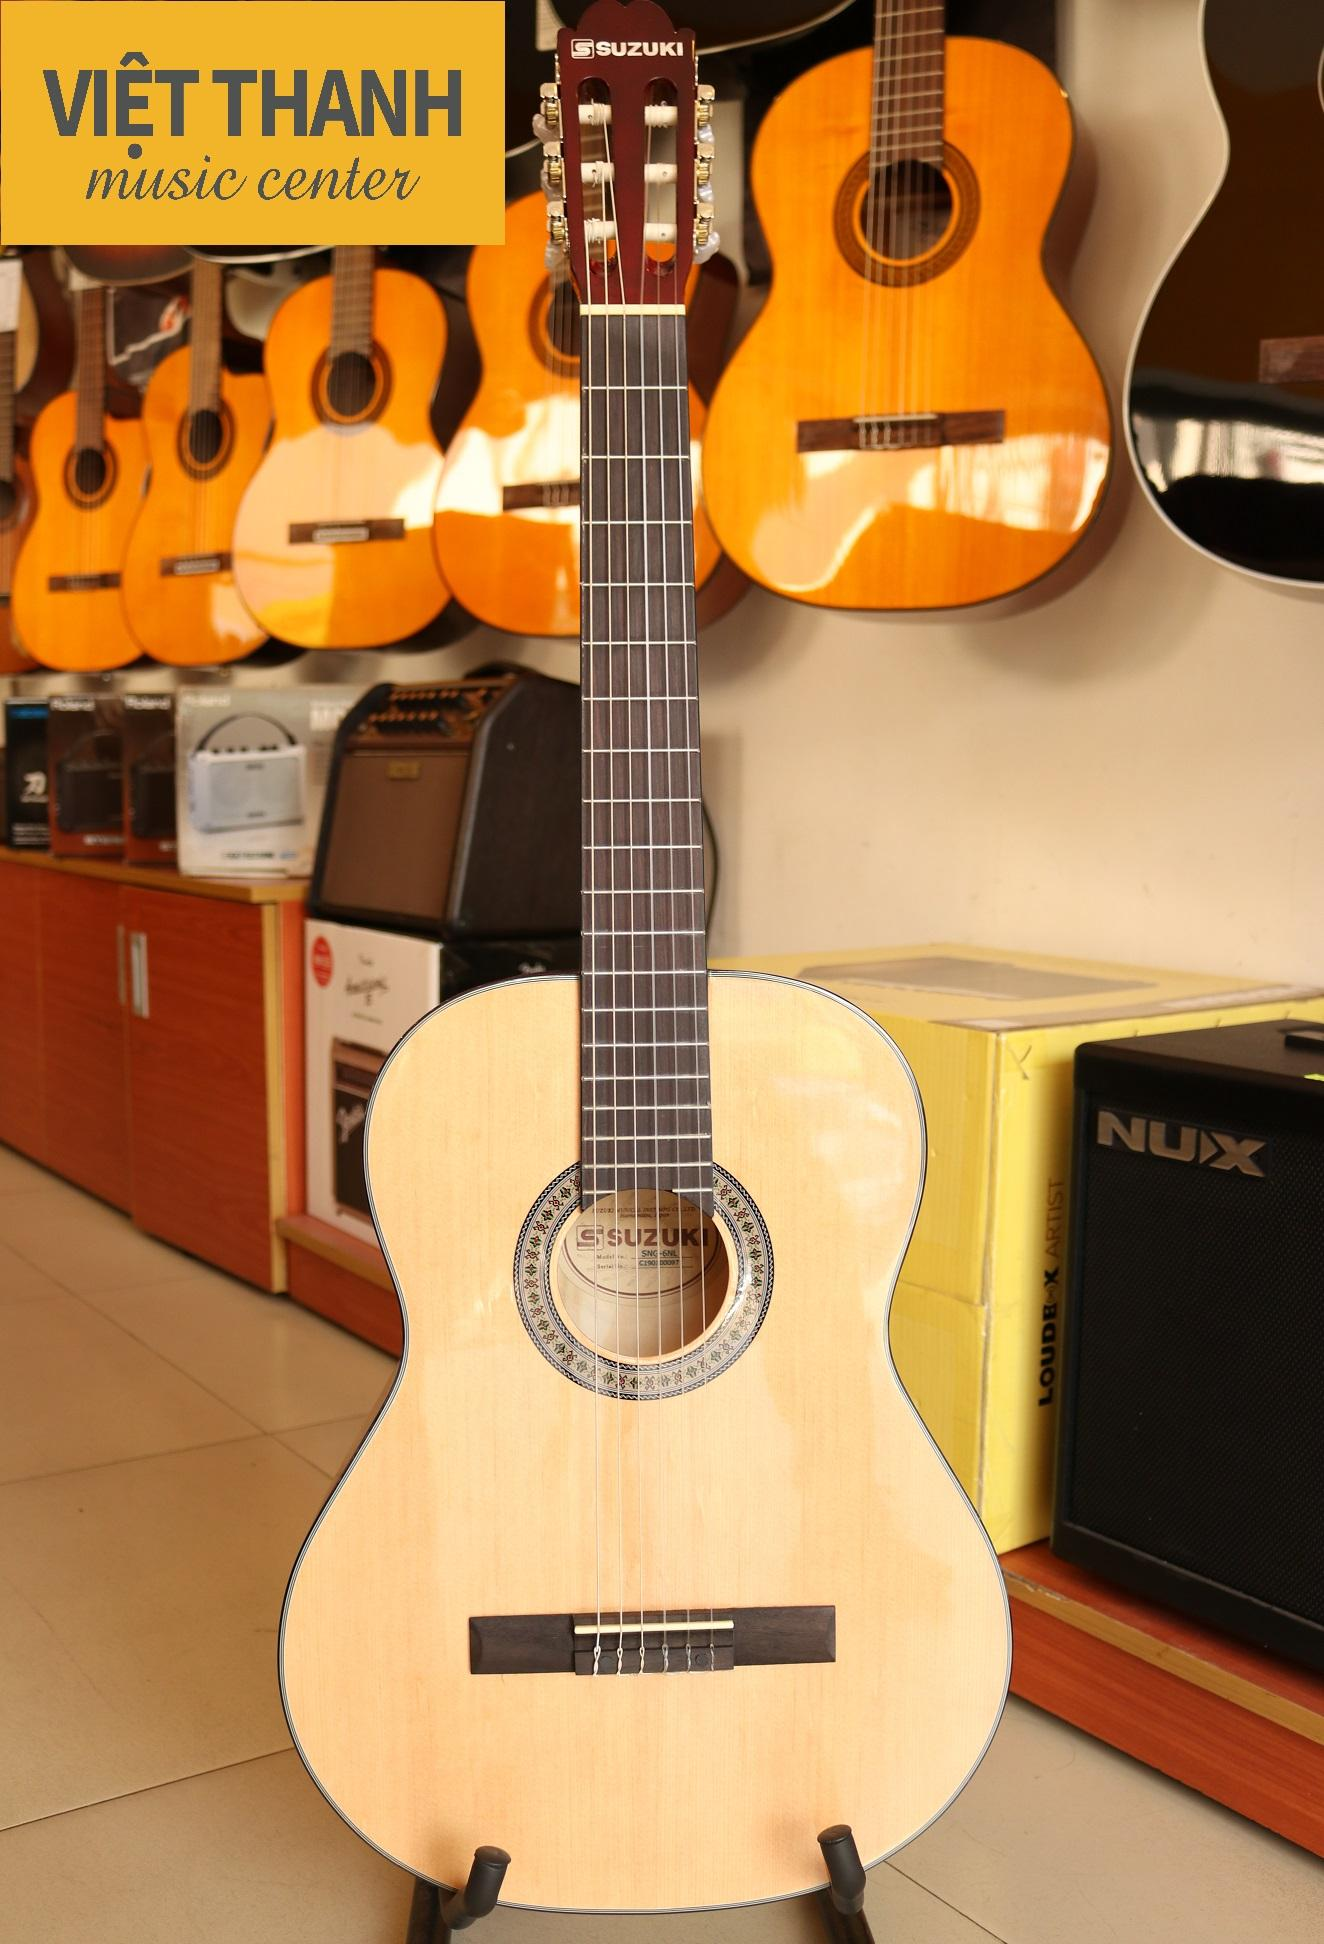 Đàn Guitar Cổ Điển Classic Suzuki SNG 6 NL, dây nylon, màu gỗ tự nhiên, giá rẻ.